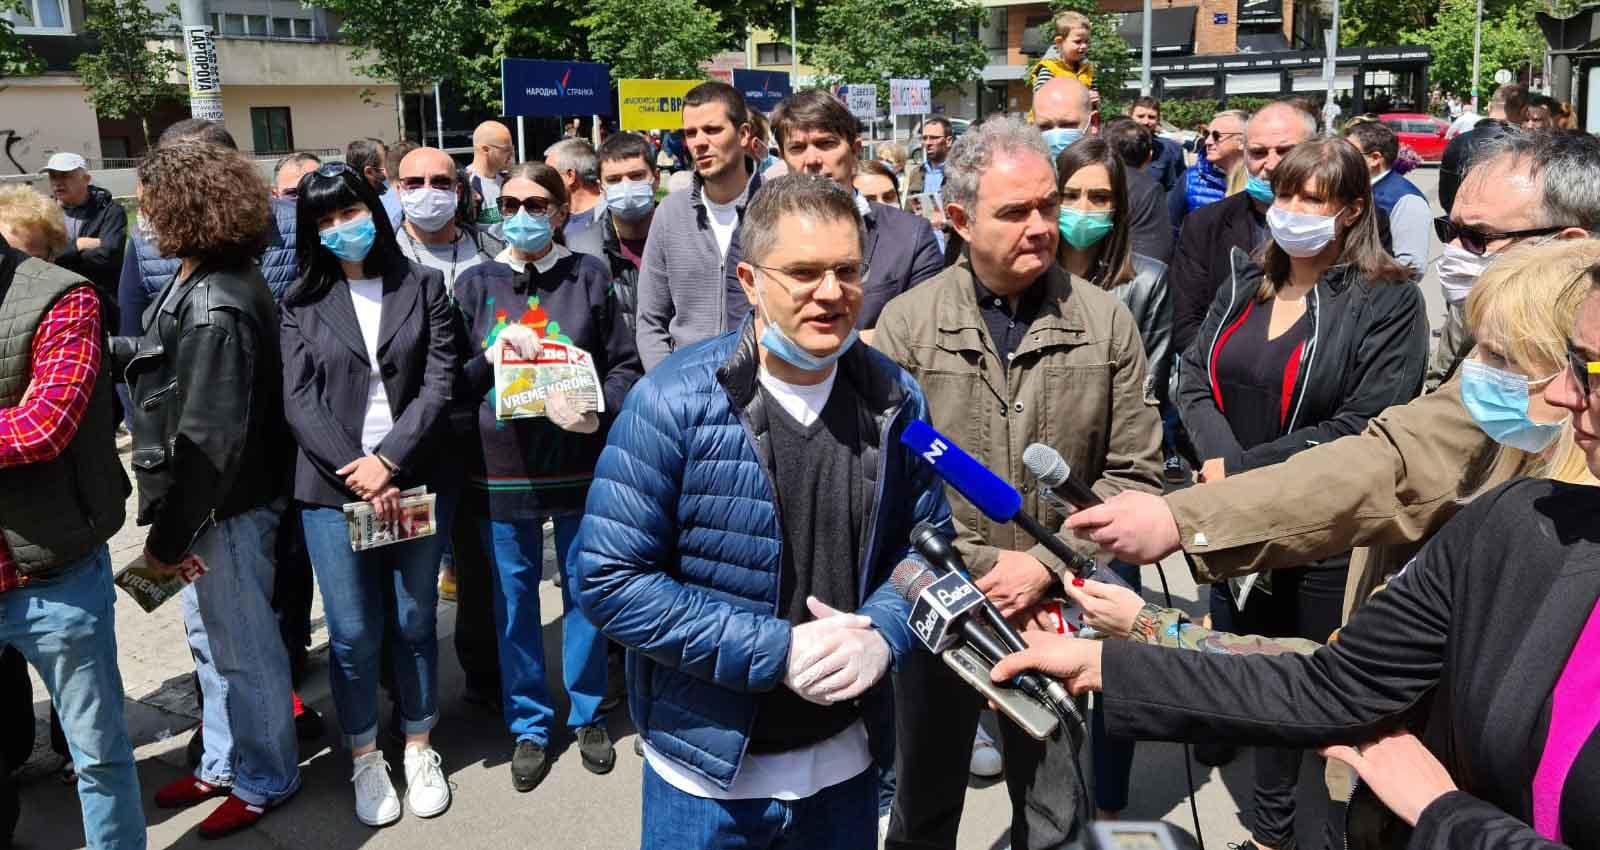 Јеремић: Бојкот је најбољи начин отпора лажним и намештеним изборима